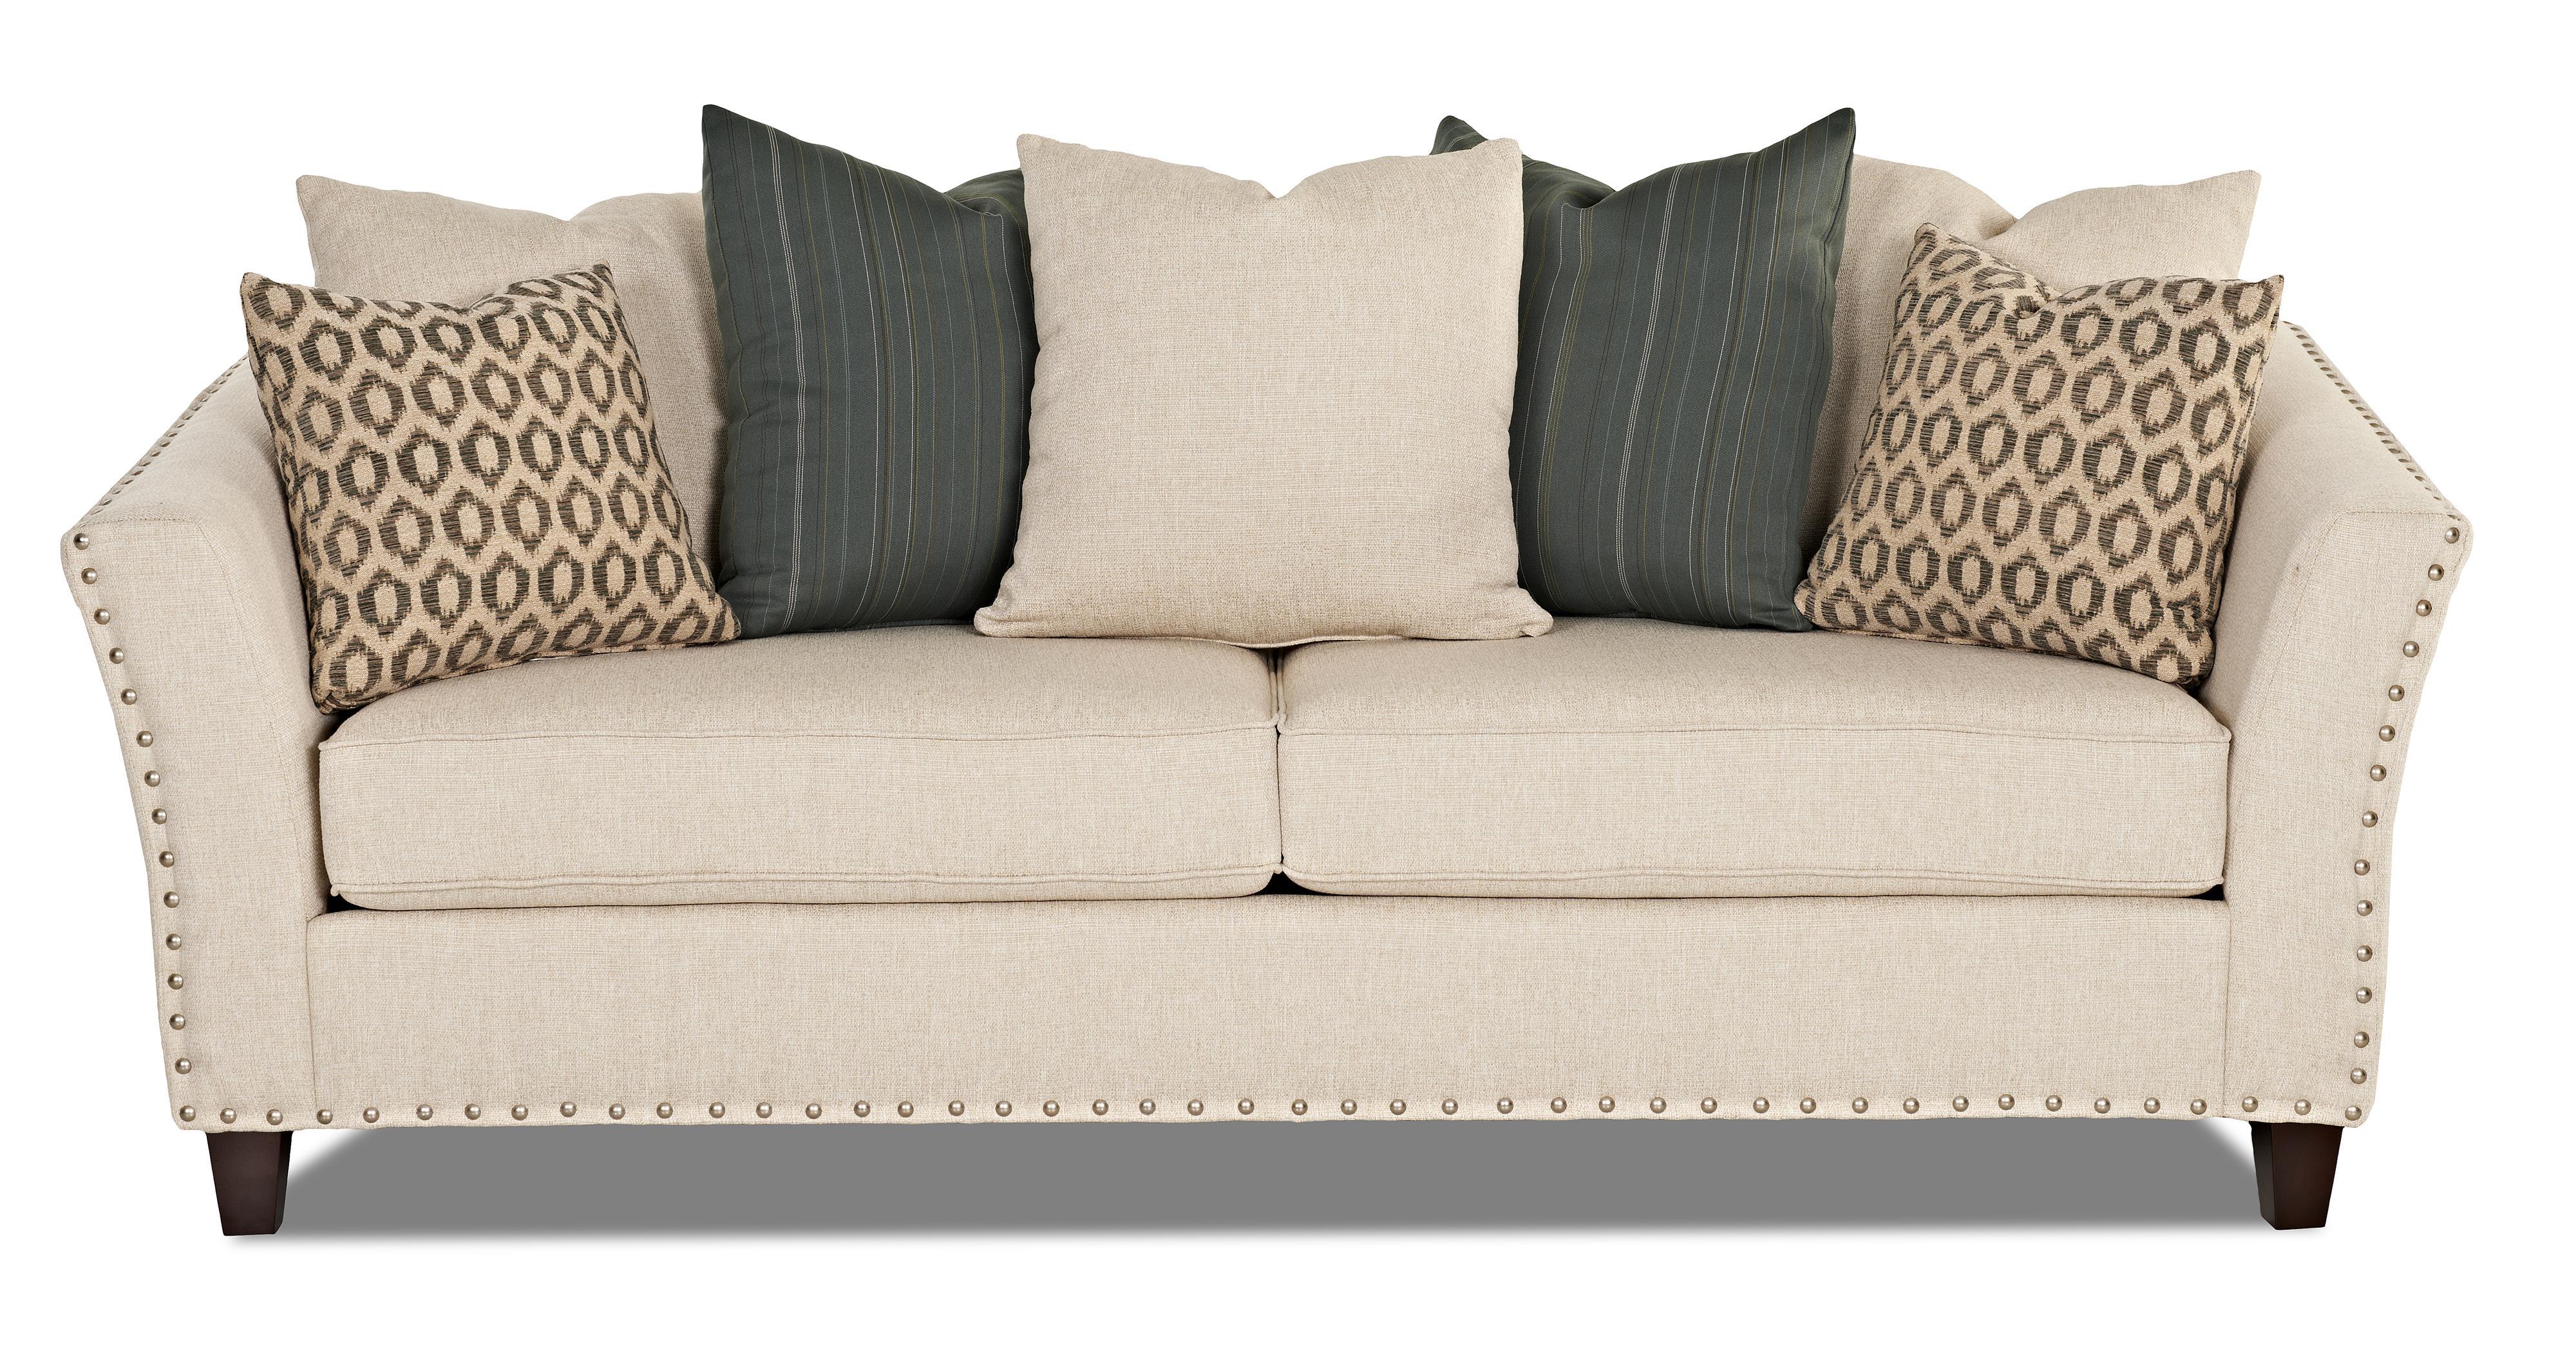 Nailhead Sofas Top Grain Leather Sofa With Nailhead TheSofa